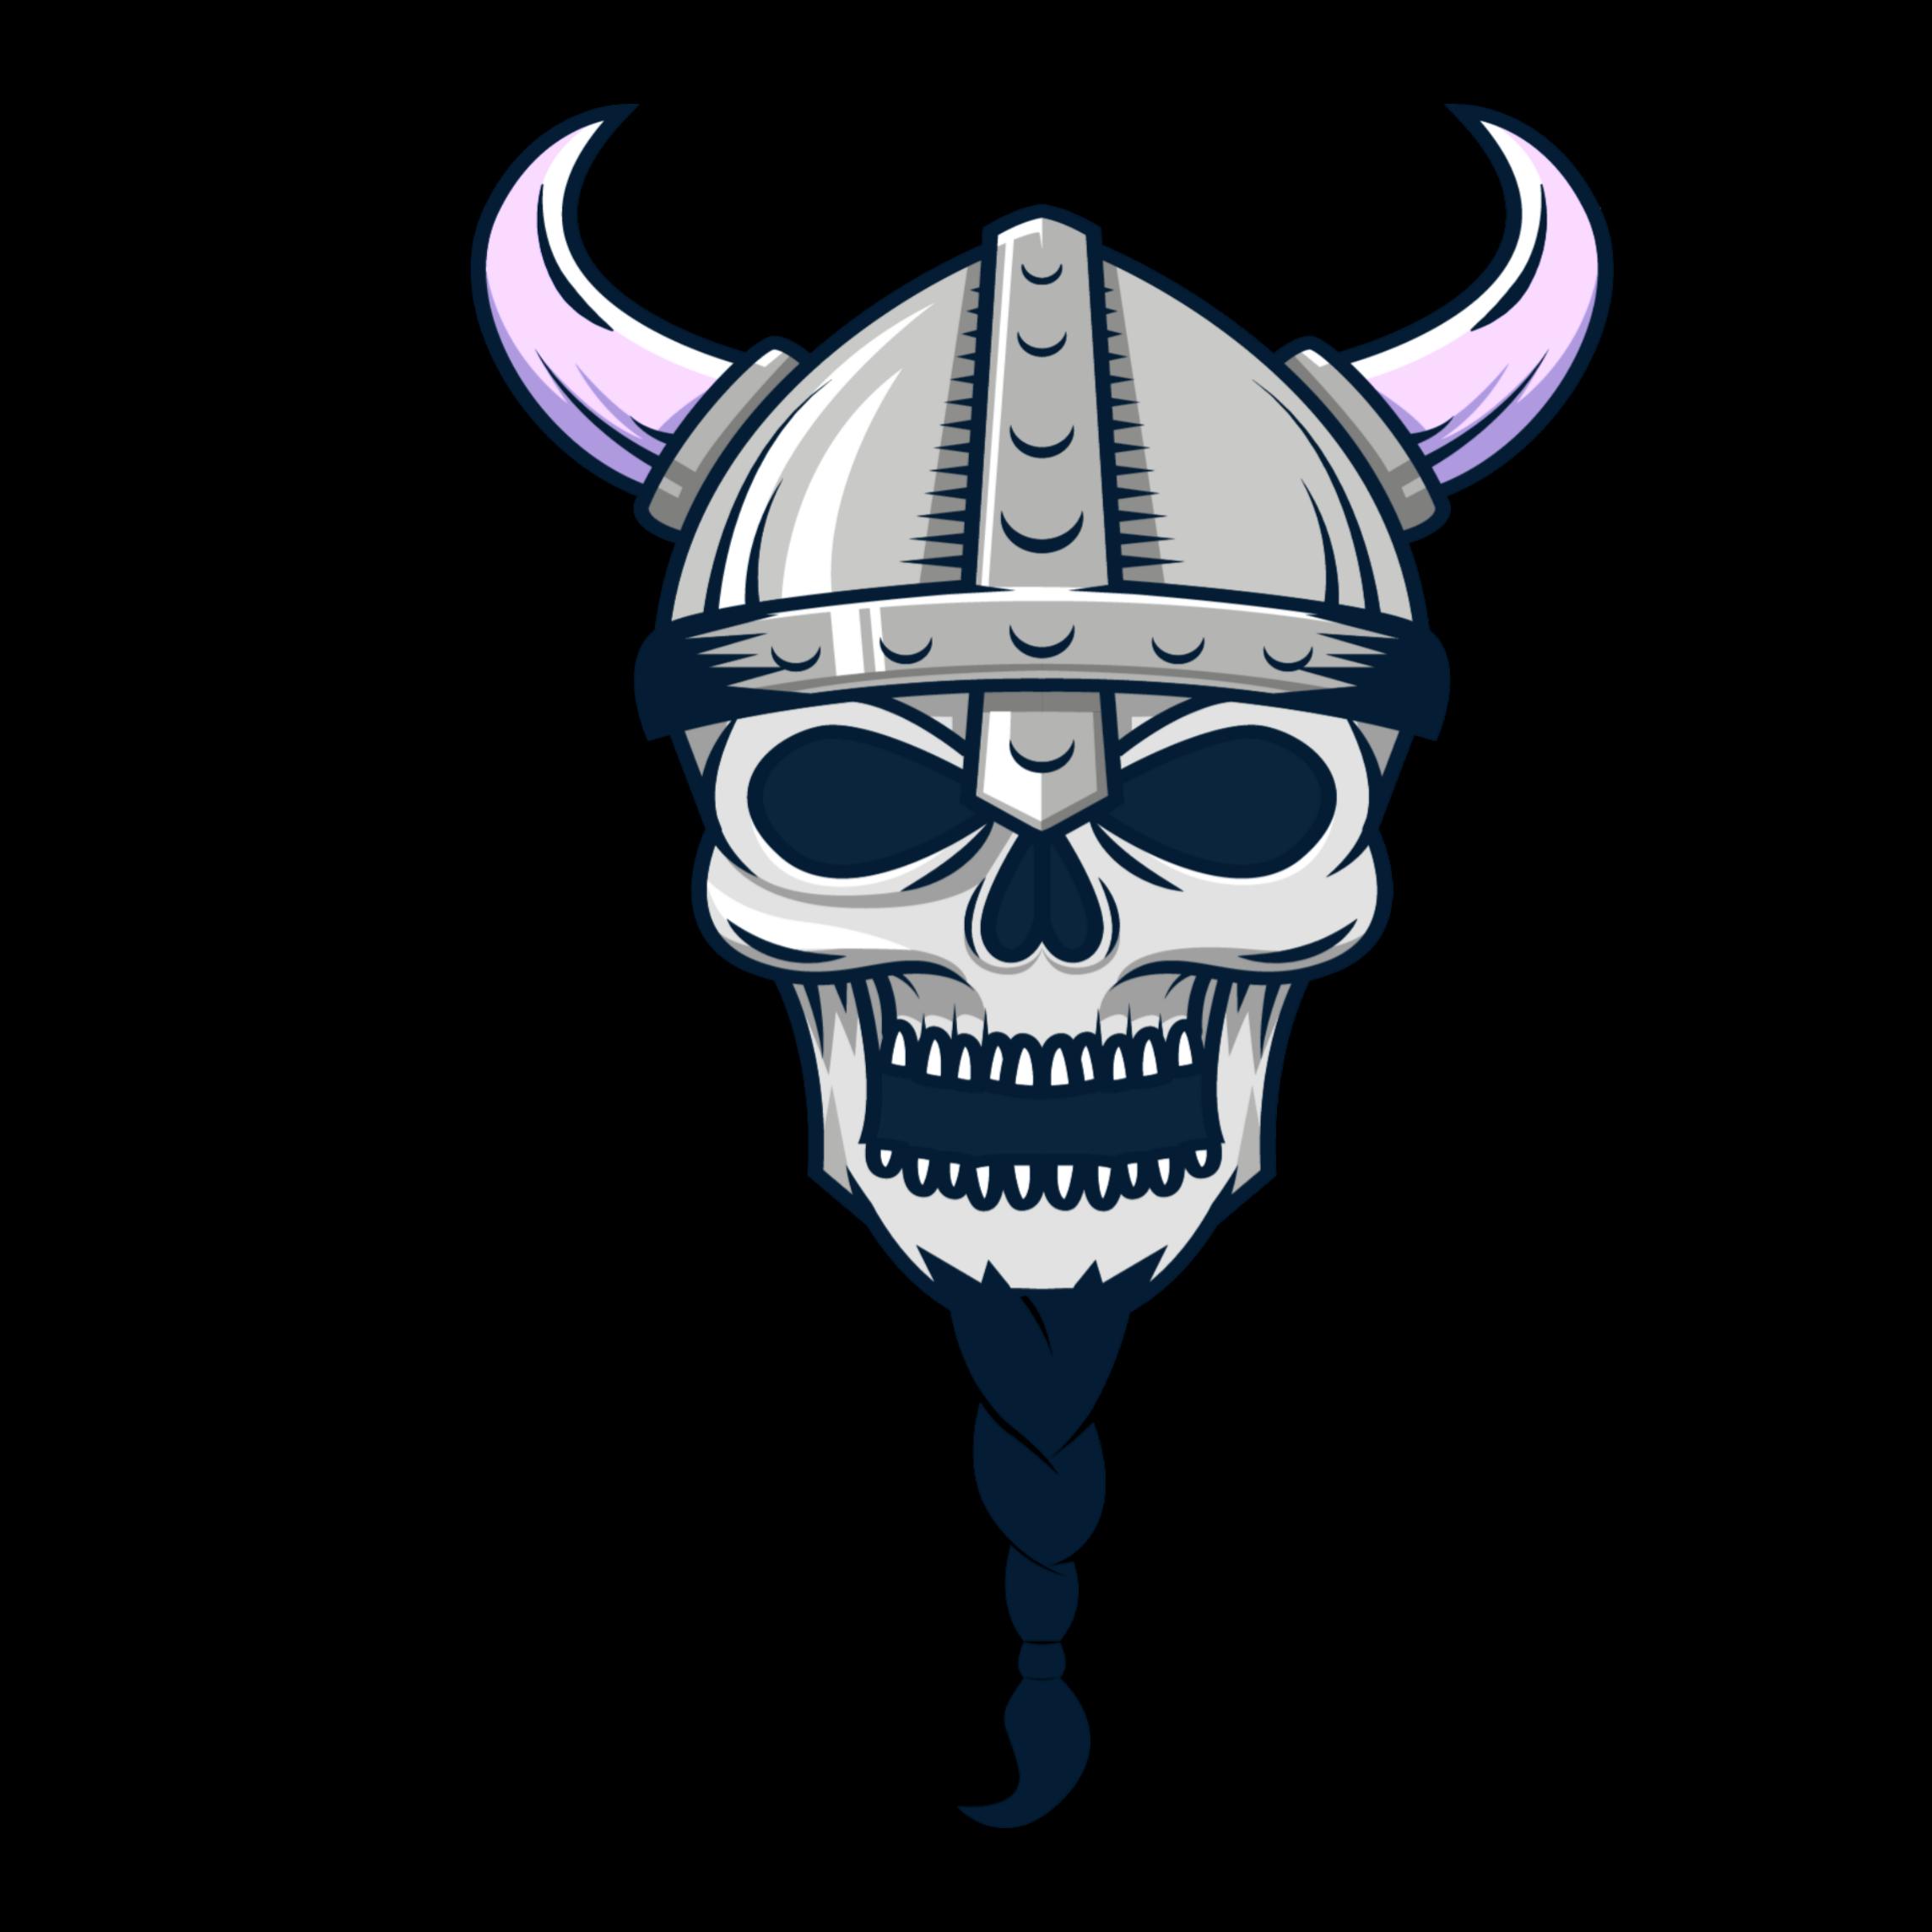 2289x2289 Mq Skull Skulls Horns